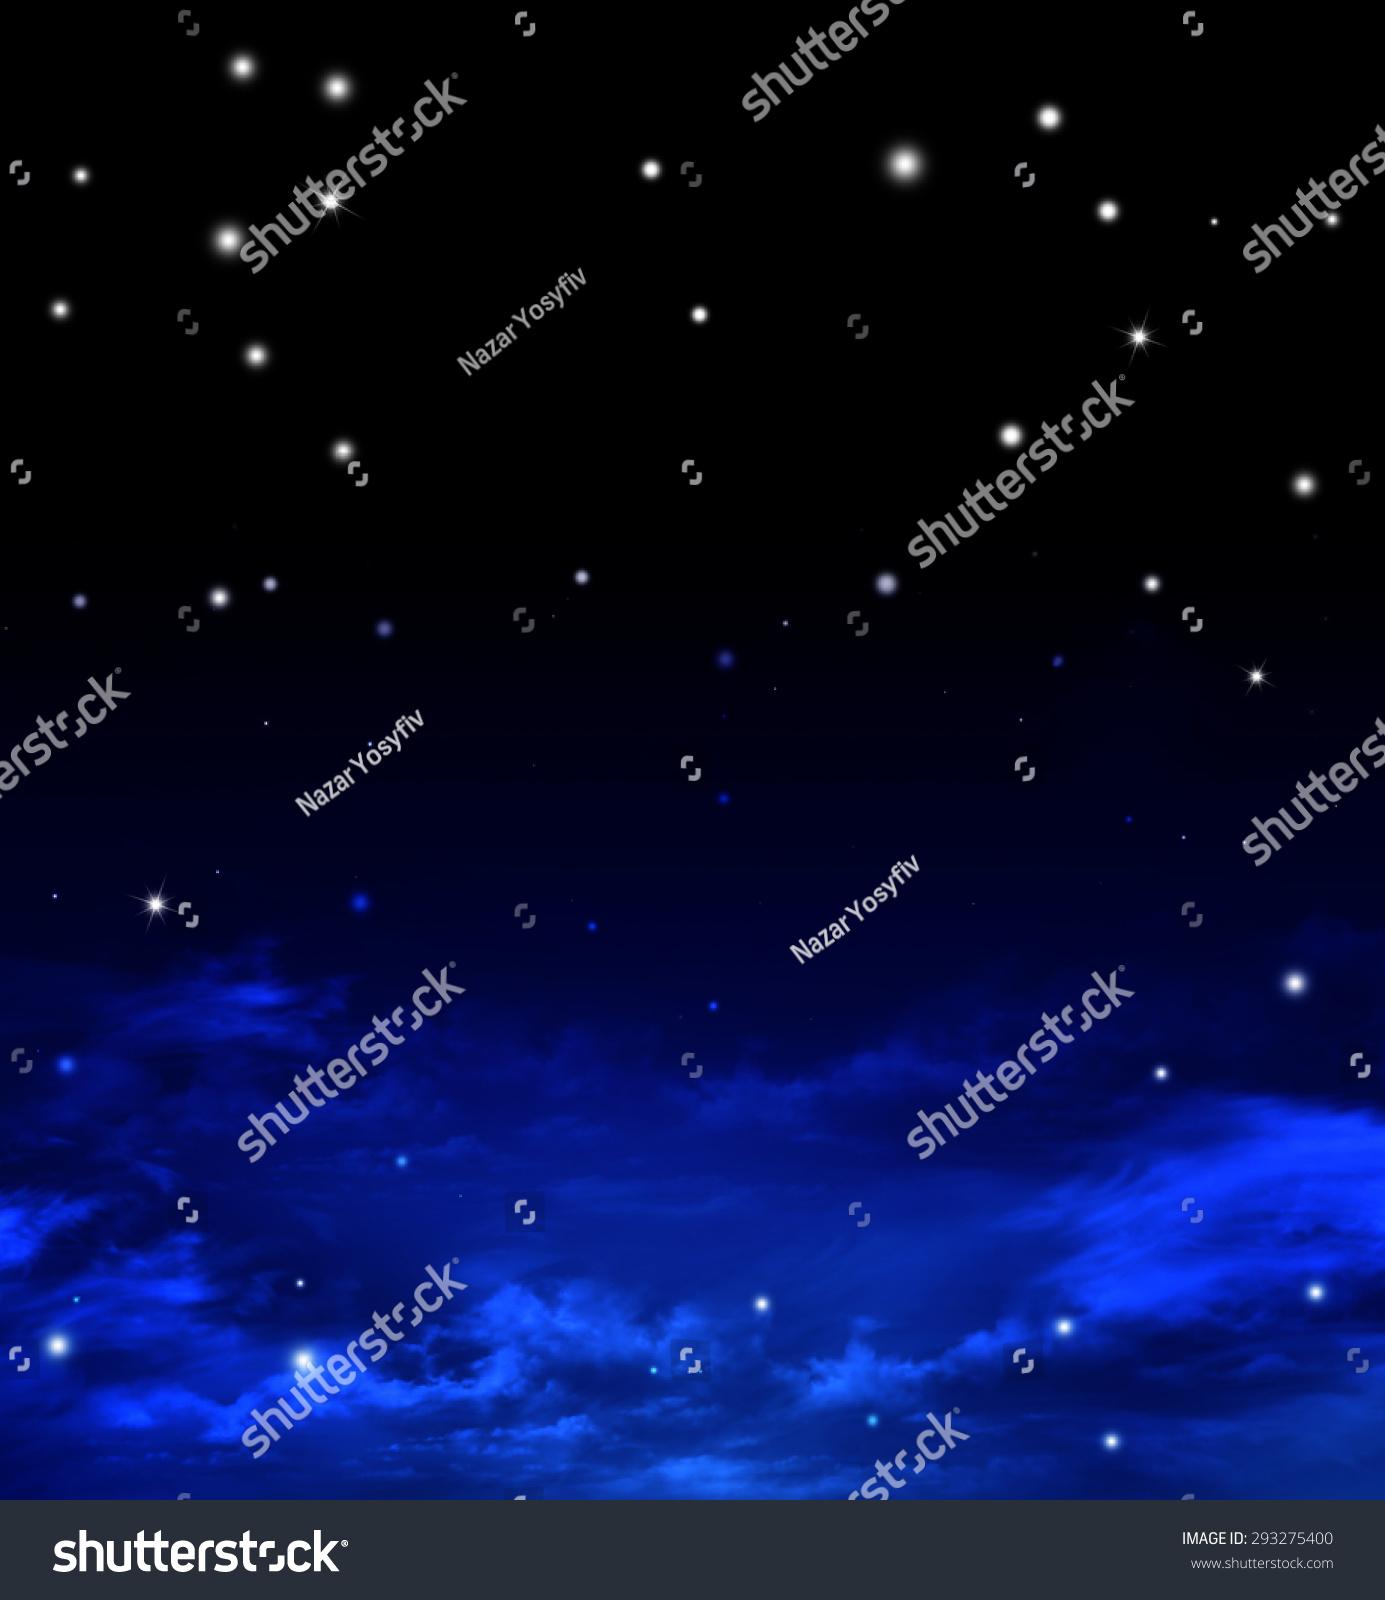 微信星星矢量图